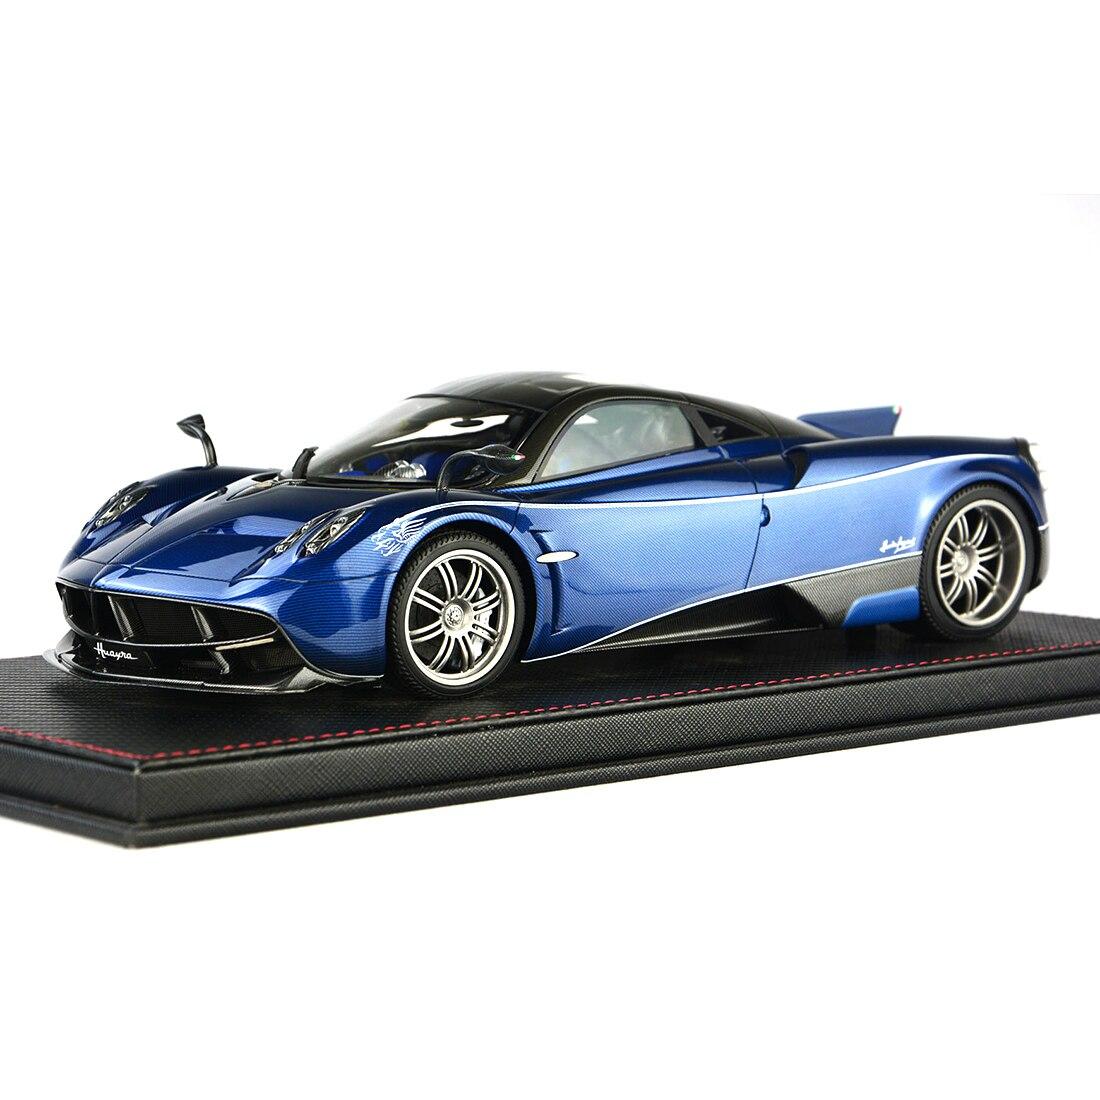 1:18 Модель автомобиля Pagani HUAYRA Модель Коллекция декор с основанием пылезащитный чехол модель обучающая игрушка синий/угольно серый/фиолетов... - 4